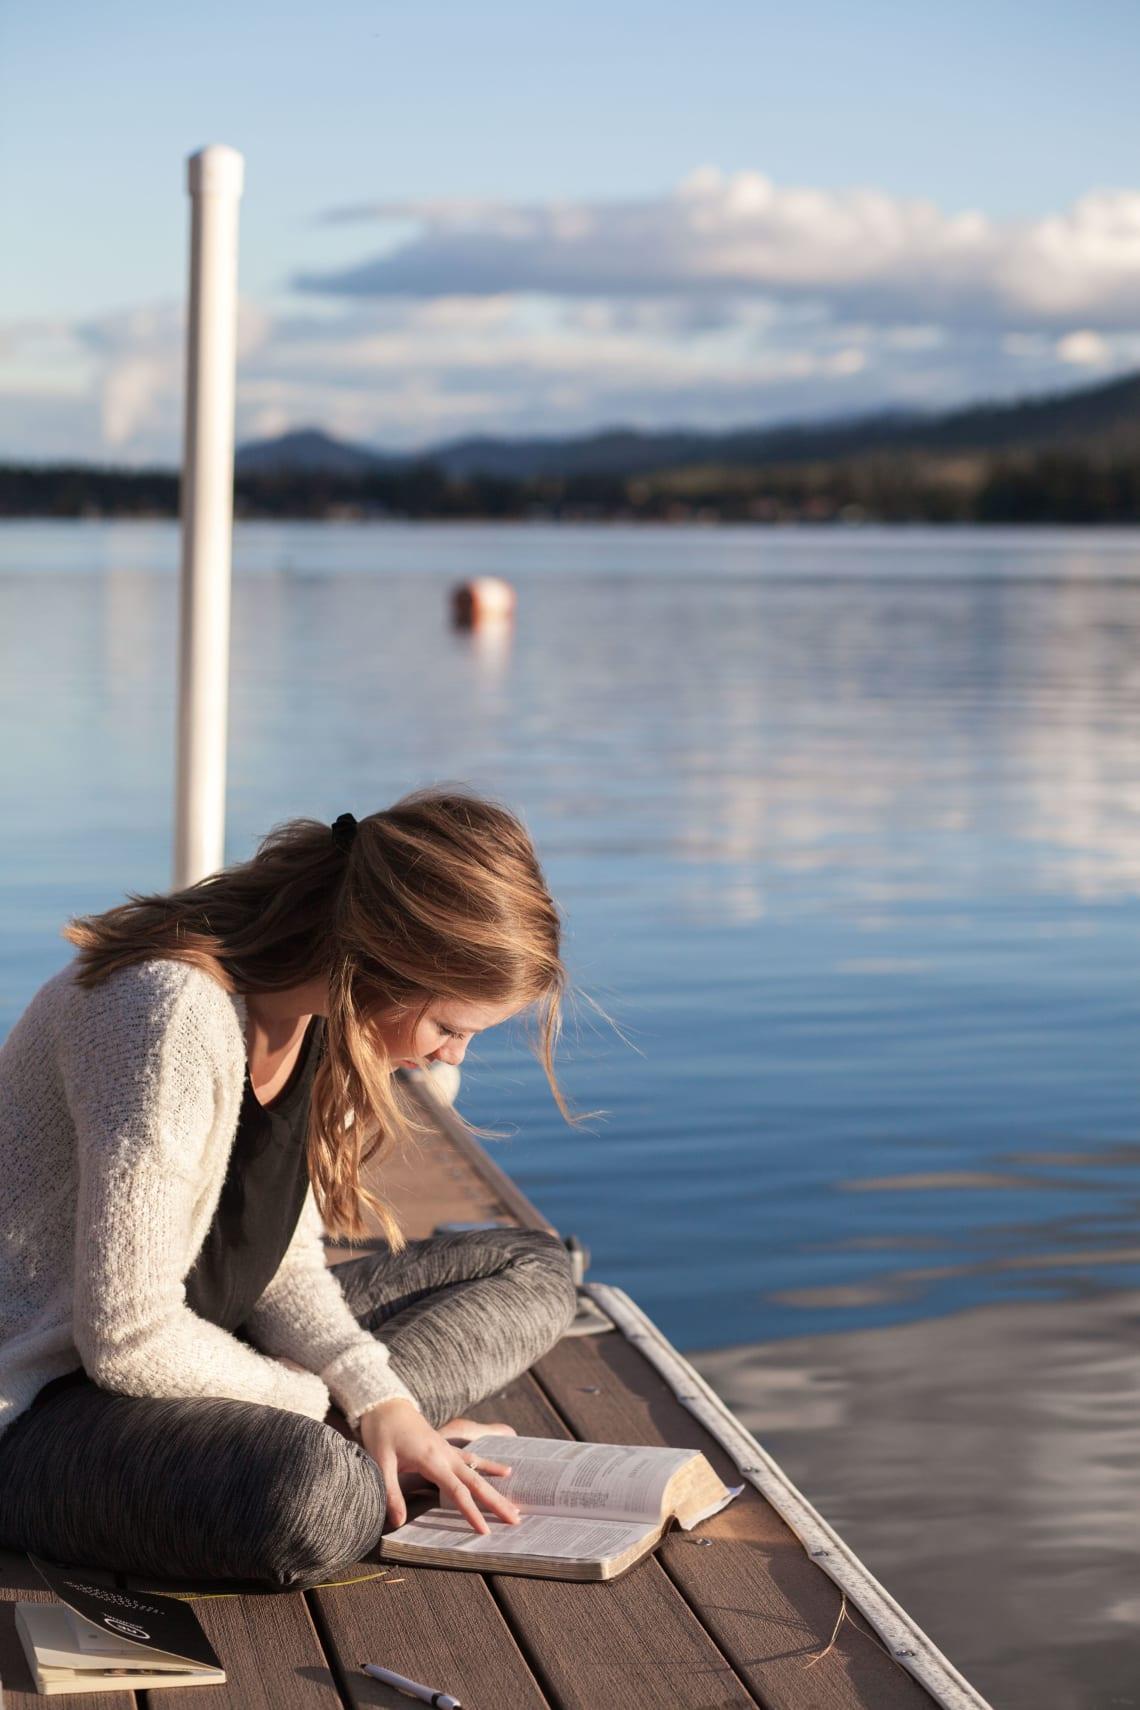 Studying lakeside